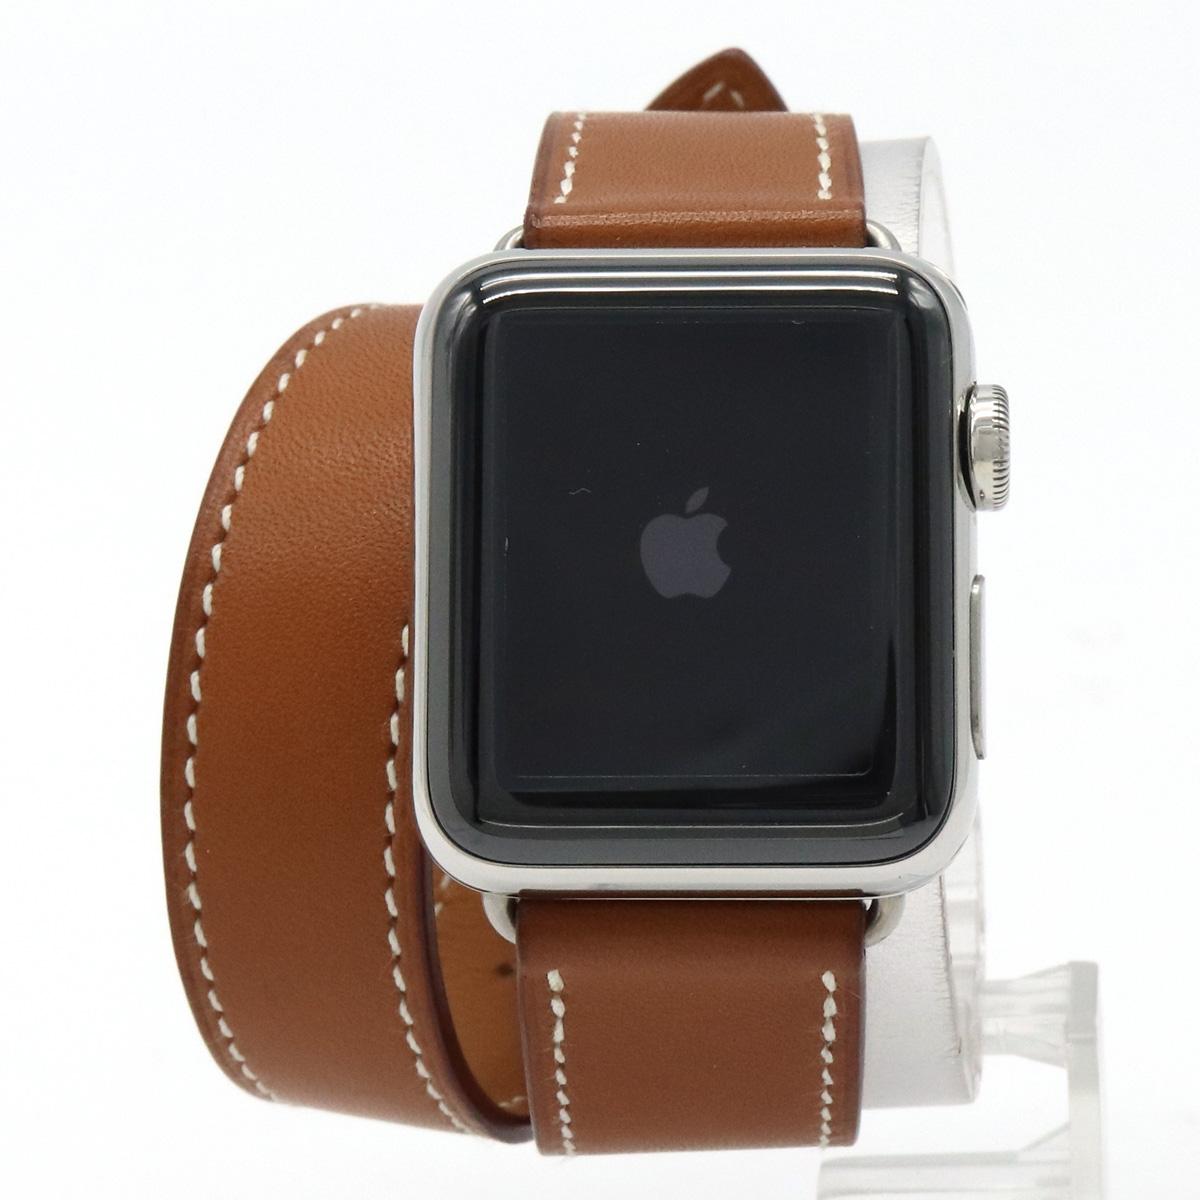 【ウォッチ】HERMES エルメス アップルウォッチ Series2 38mm SS 革ベルト レディース 充電式 スマートウォッチ 腕時計 MNTP2J/A 【中古】